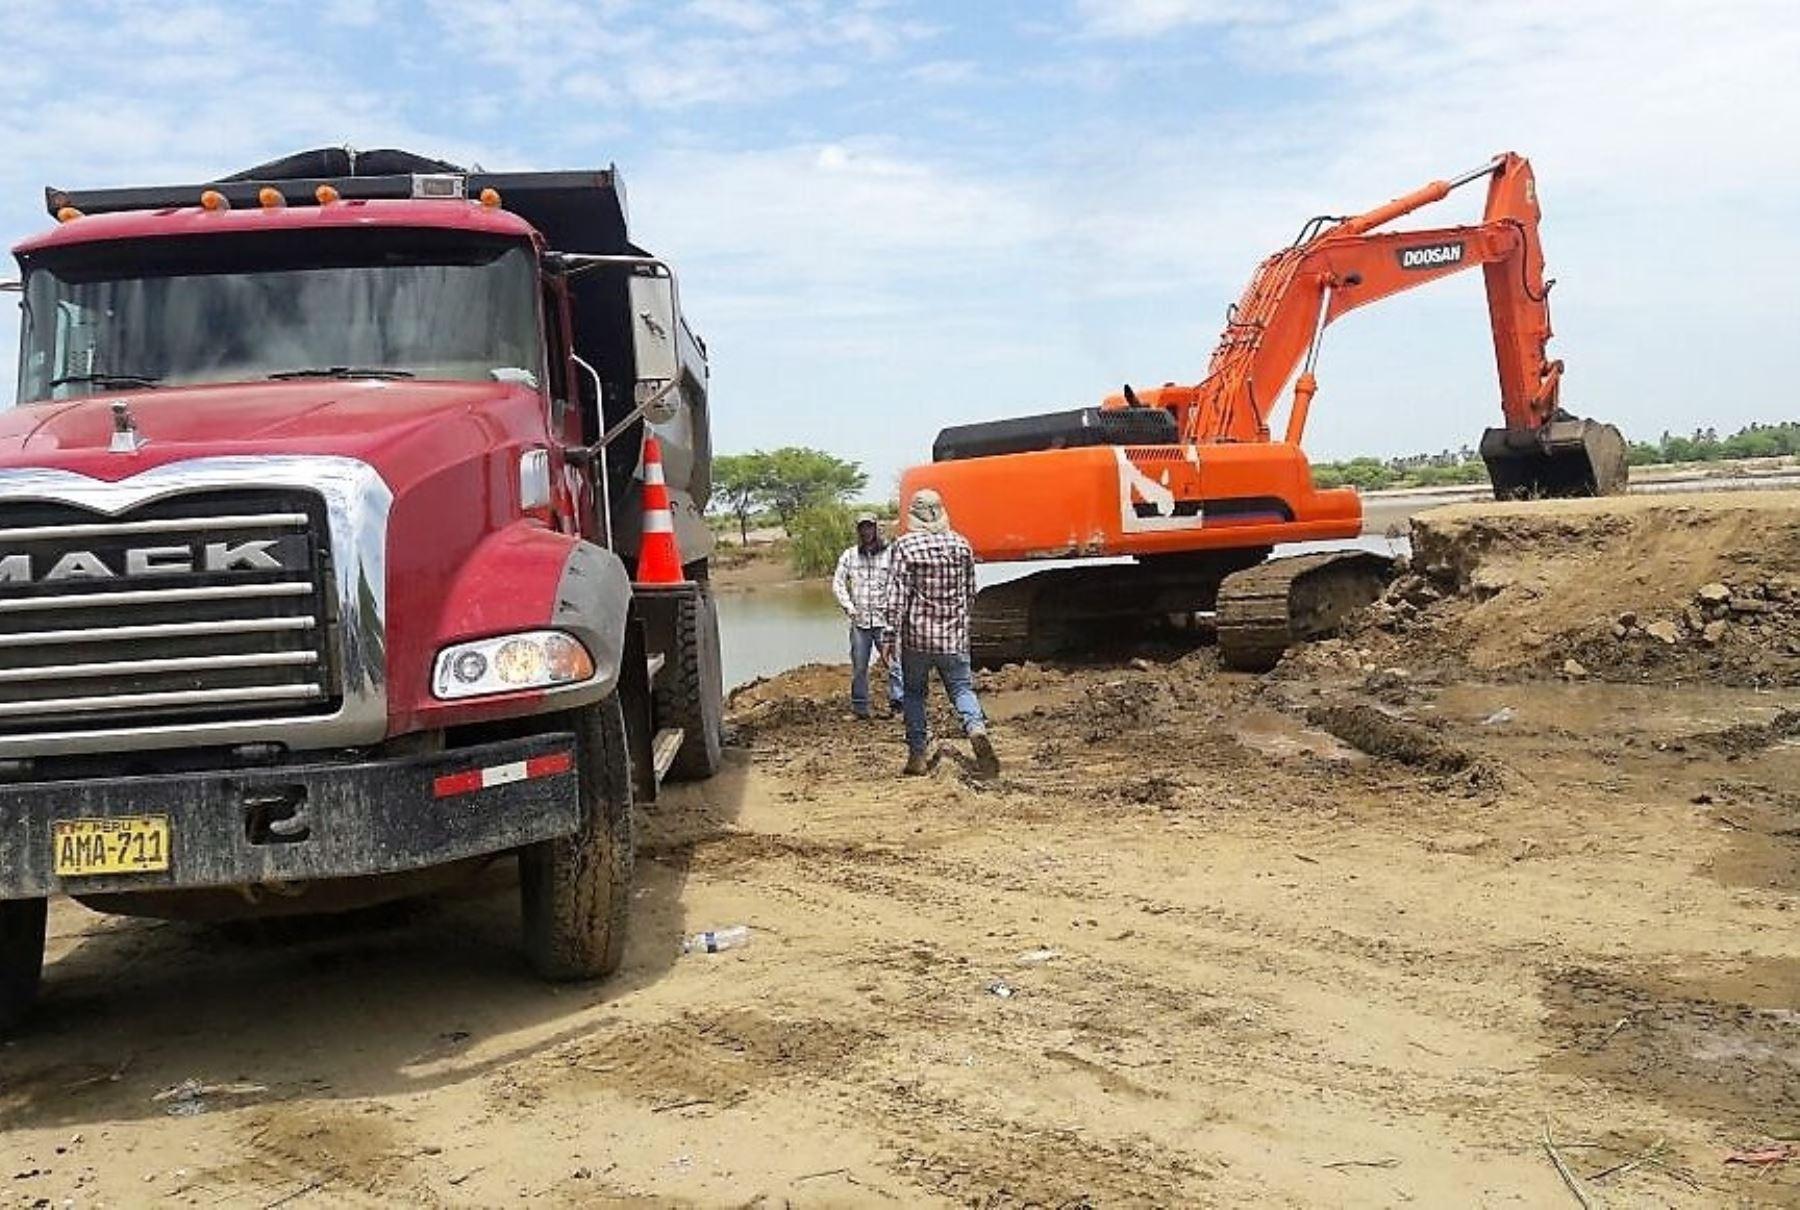 Las obras de prevención en el río Piura ya empezaron y se tiene previsto que hasta diciembre se encauzará, descolmatará y limpiará 117 kilómetros de su cauce para evitar desbordes e inundaciones durante la temporada de lluvias en el verano próximo, informó hoy el ministro de Agricultura y Riego, José Manuel Hernández. ANDINA/Difusión